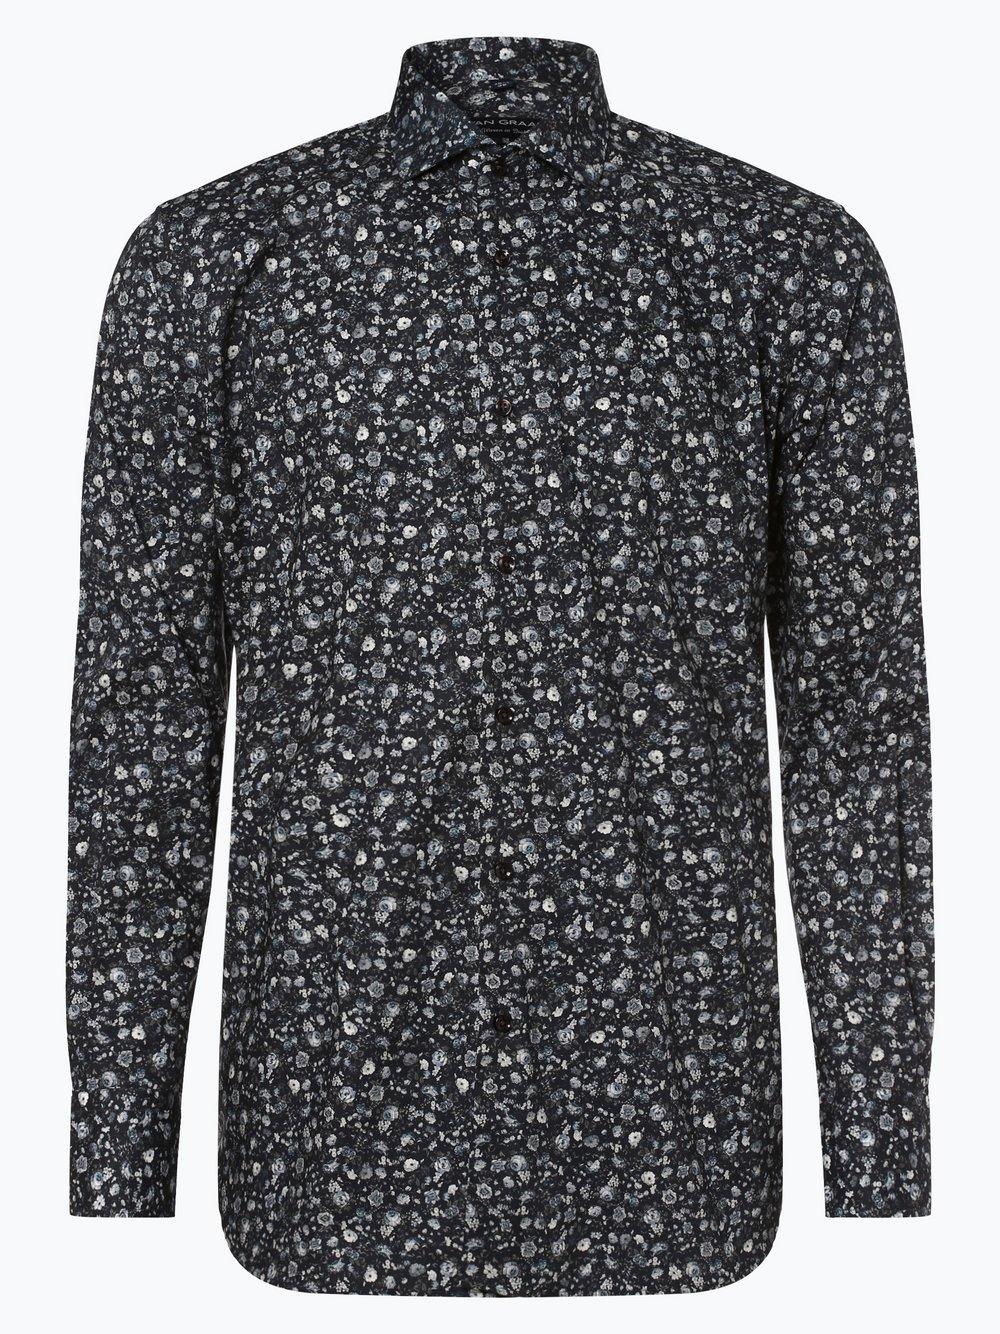 Van Graaf - Męska koszula z poszetką, niebieski